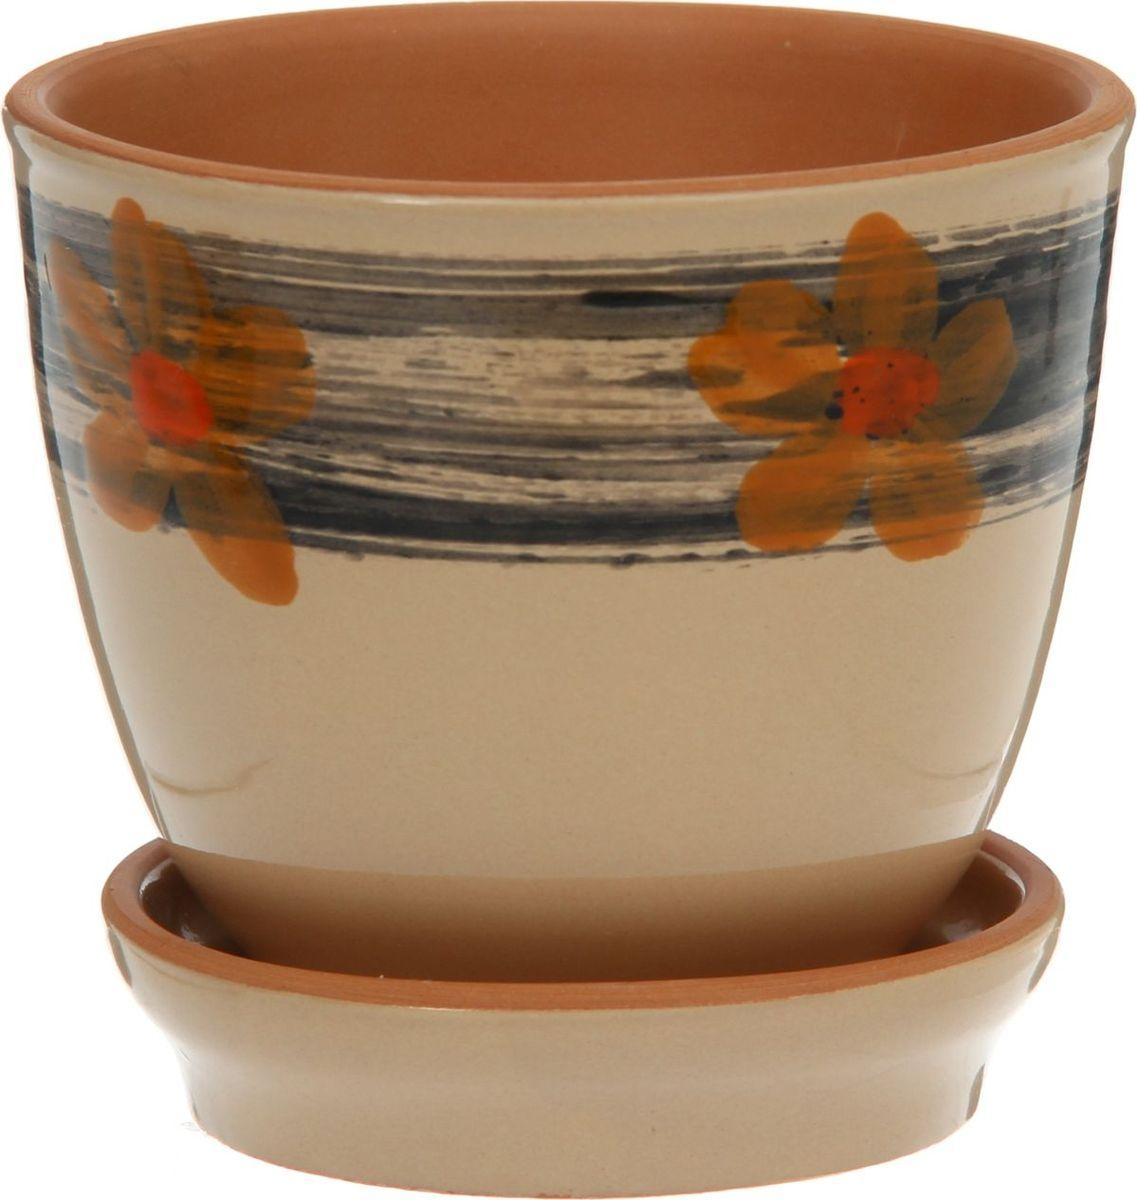 Кашпо Агат. Цветы, цвет: бежевый, 0,5 л1186721Комнатные растения — всеобщие любимцы. Они радуют глаз, насыщают помещение кислородом и украшают пространство. Каждому из них необходим свой удобный и красивый дом. Кашпо из керамики прекрасно подходят для высадки растений: за счёт пластичности глины и разных способов обработки существует великое множество форм и дизайновпористый материал позволяет испаряться лишней влагевоздух, необходимый для дыхания корней, проникает сквозь керамические стенки! #name# позаботится о зелёном питомце, освежит интерьер и подчеркнёт его стиль.